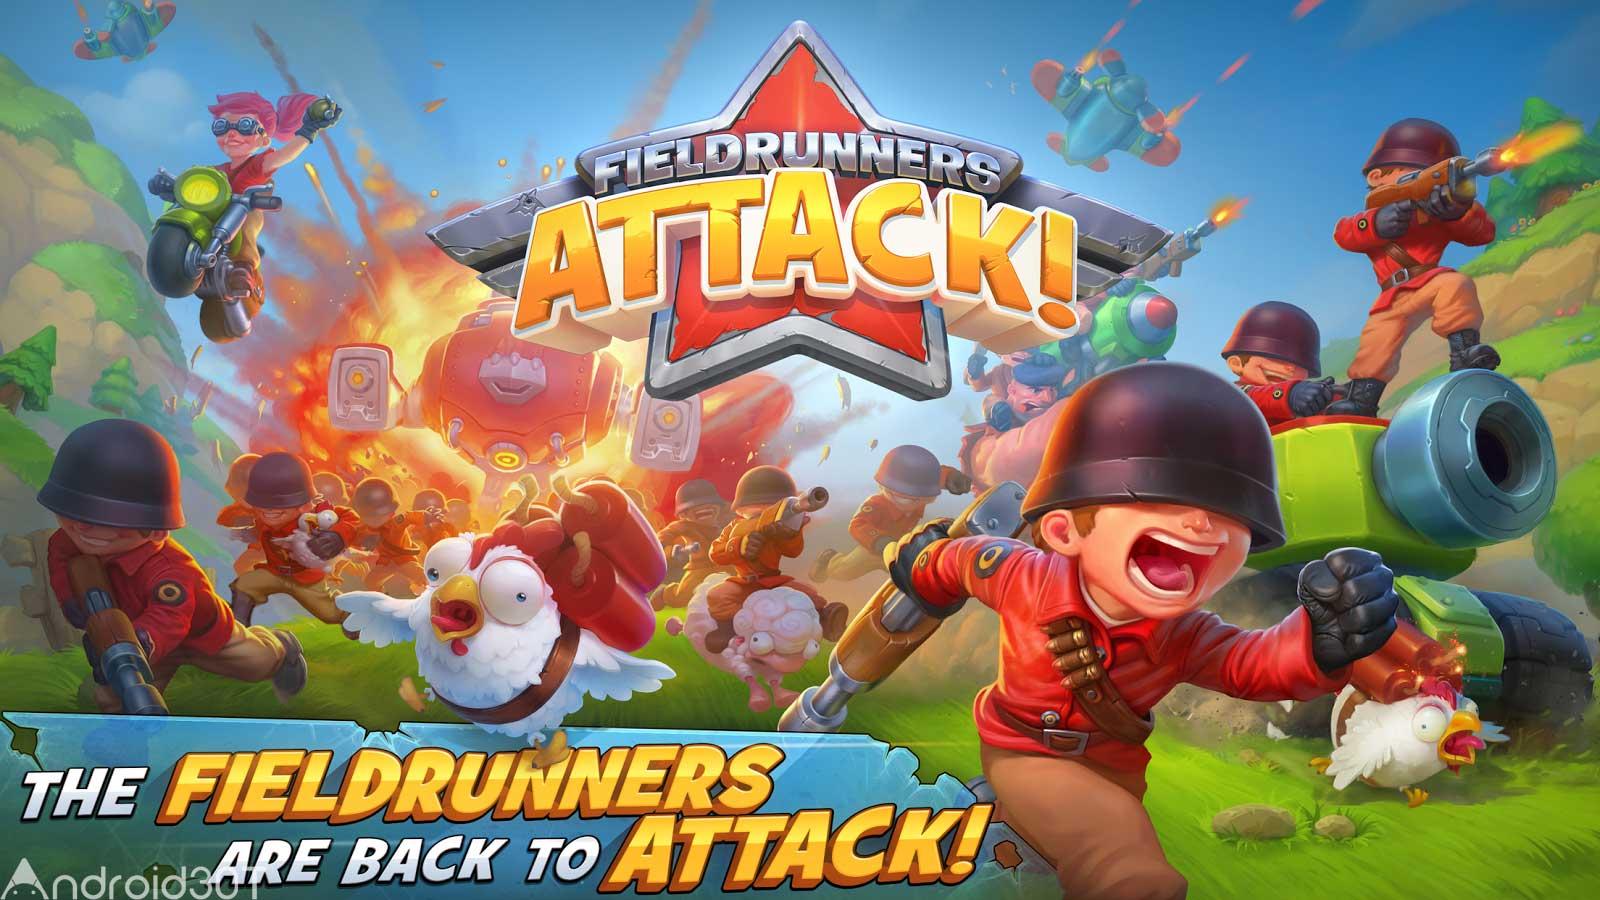 دانلود Fieldrunners Attack 1.0.14.1 – بازی جذاب حمله به سرزمین اندروید